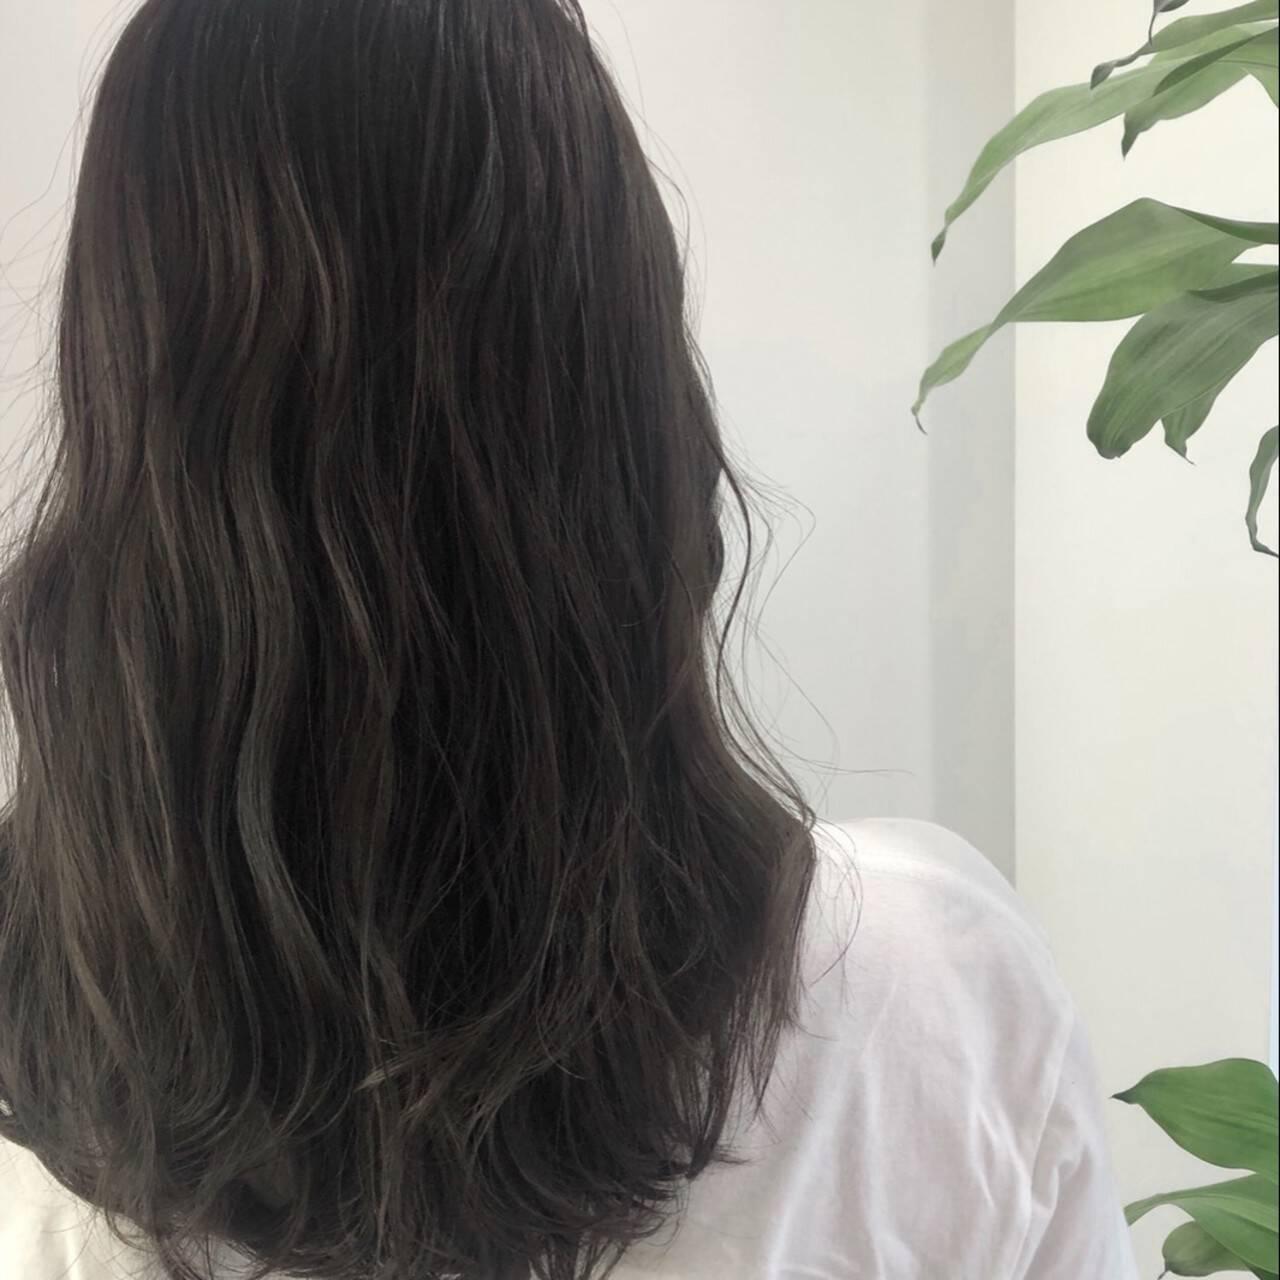 地毛風カラー 大人かわいい 透明感 ダークアッシュヘアスタイルや髪型の写真・画像